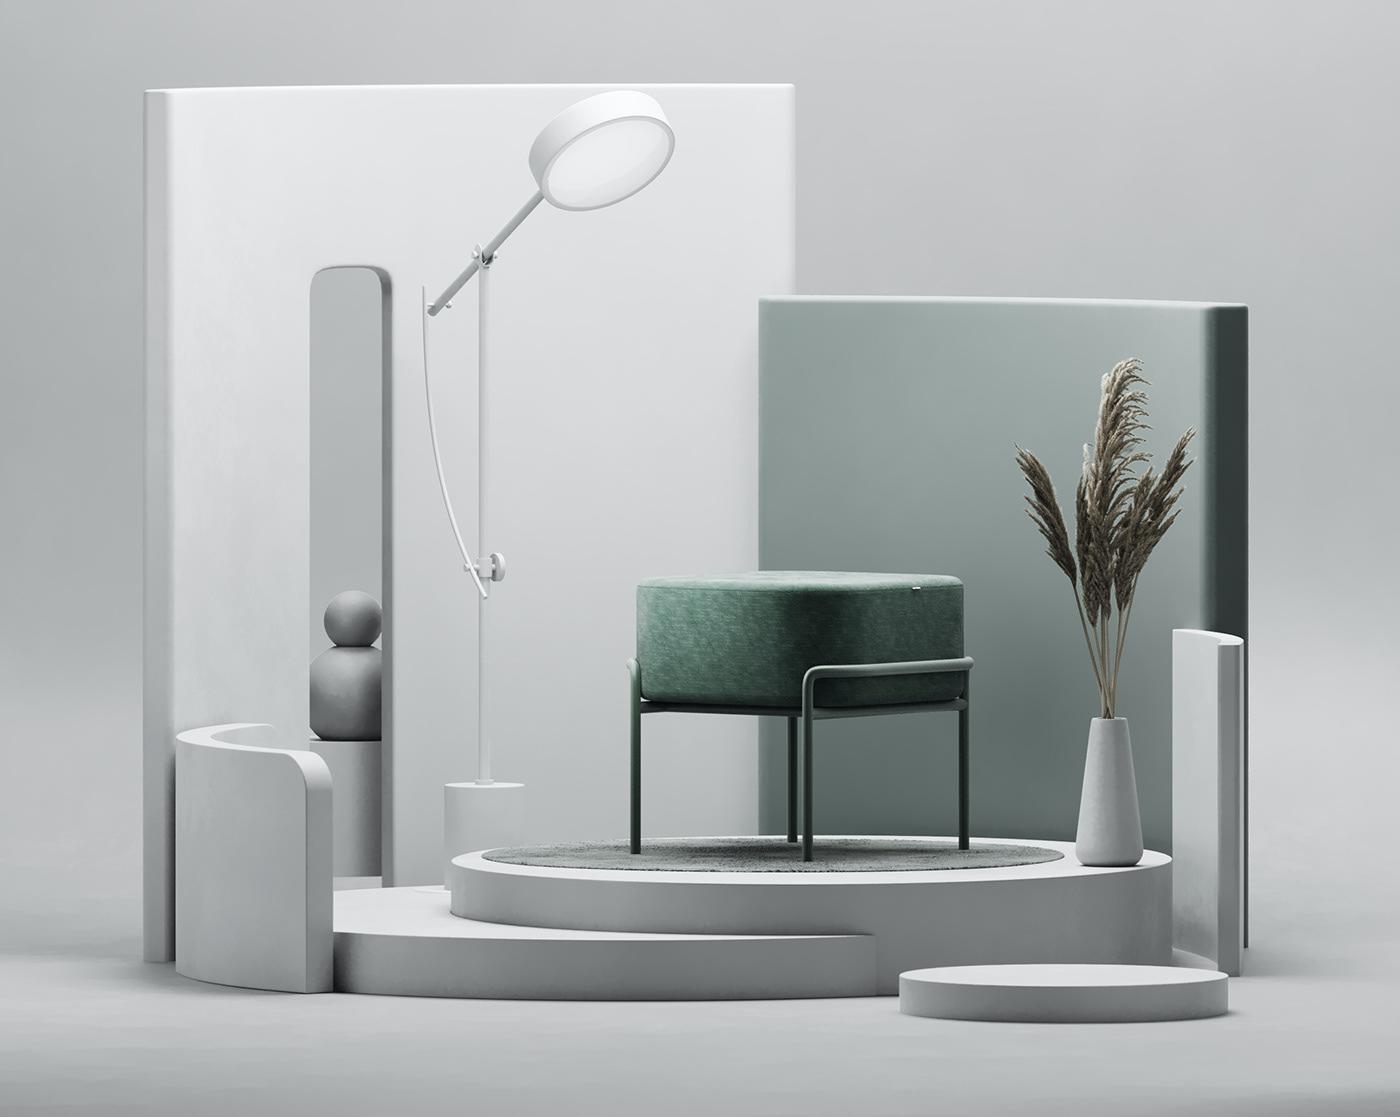 after effects,design,freelance designer,industrial design ,motion design,product design ,product render,rendering,Sound Design ,stool,graphic design